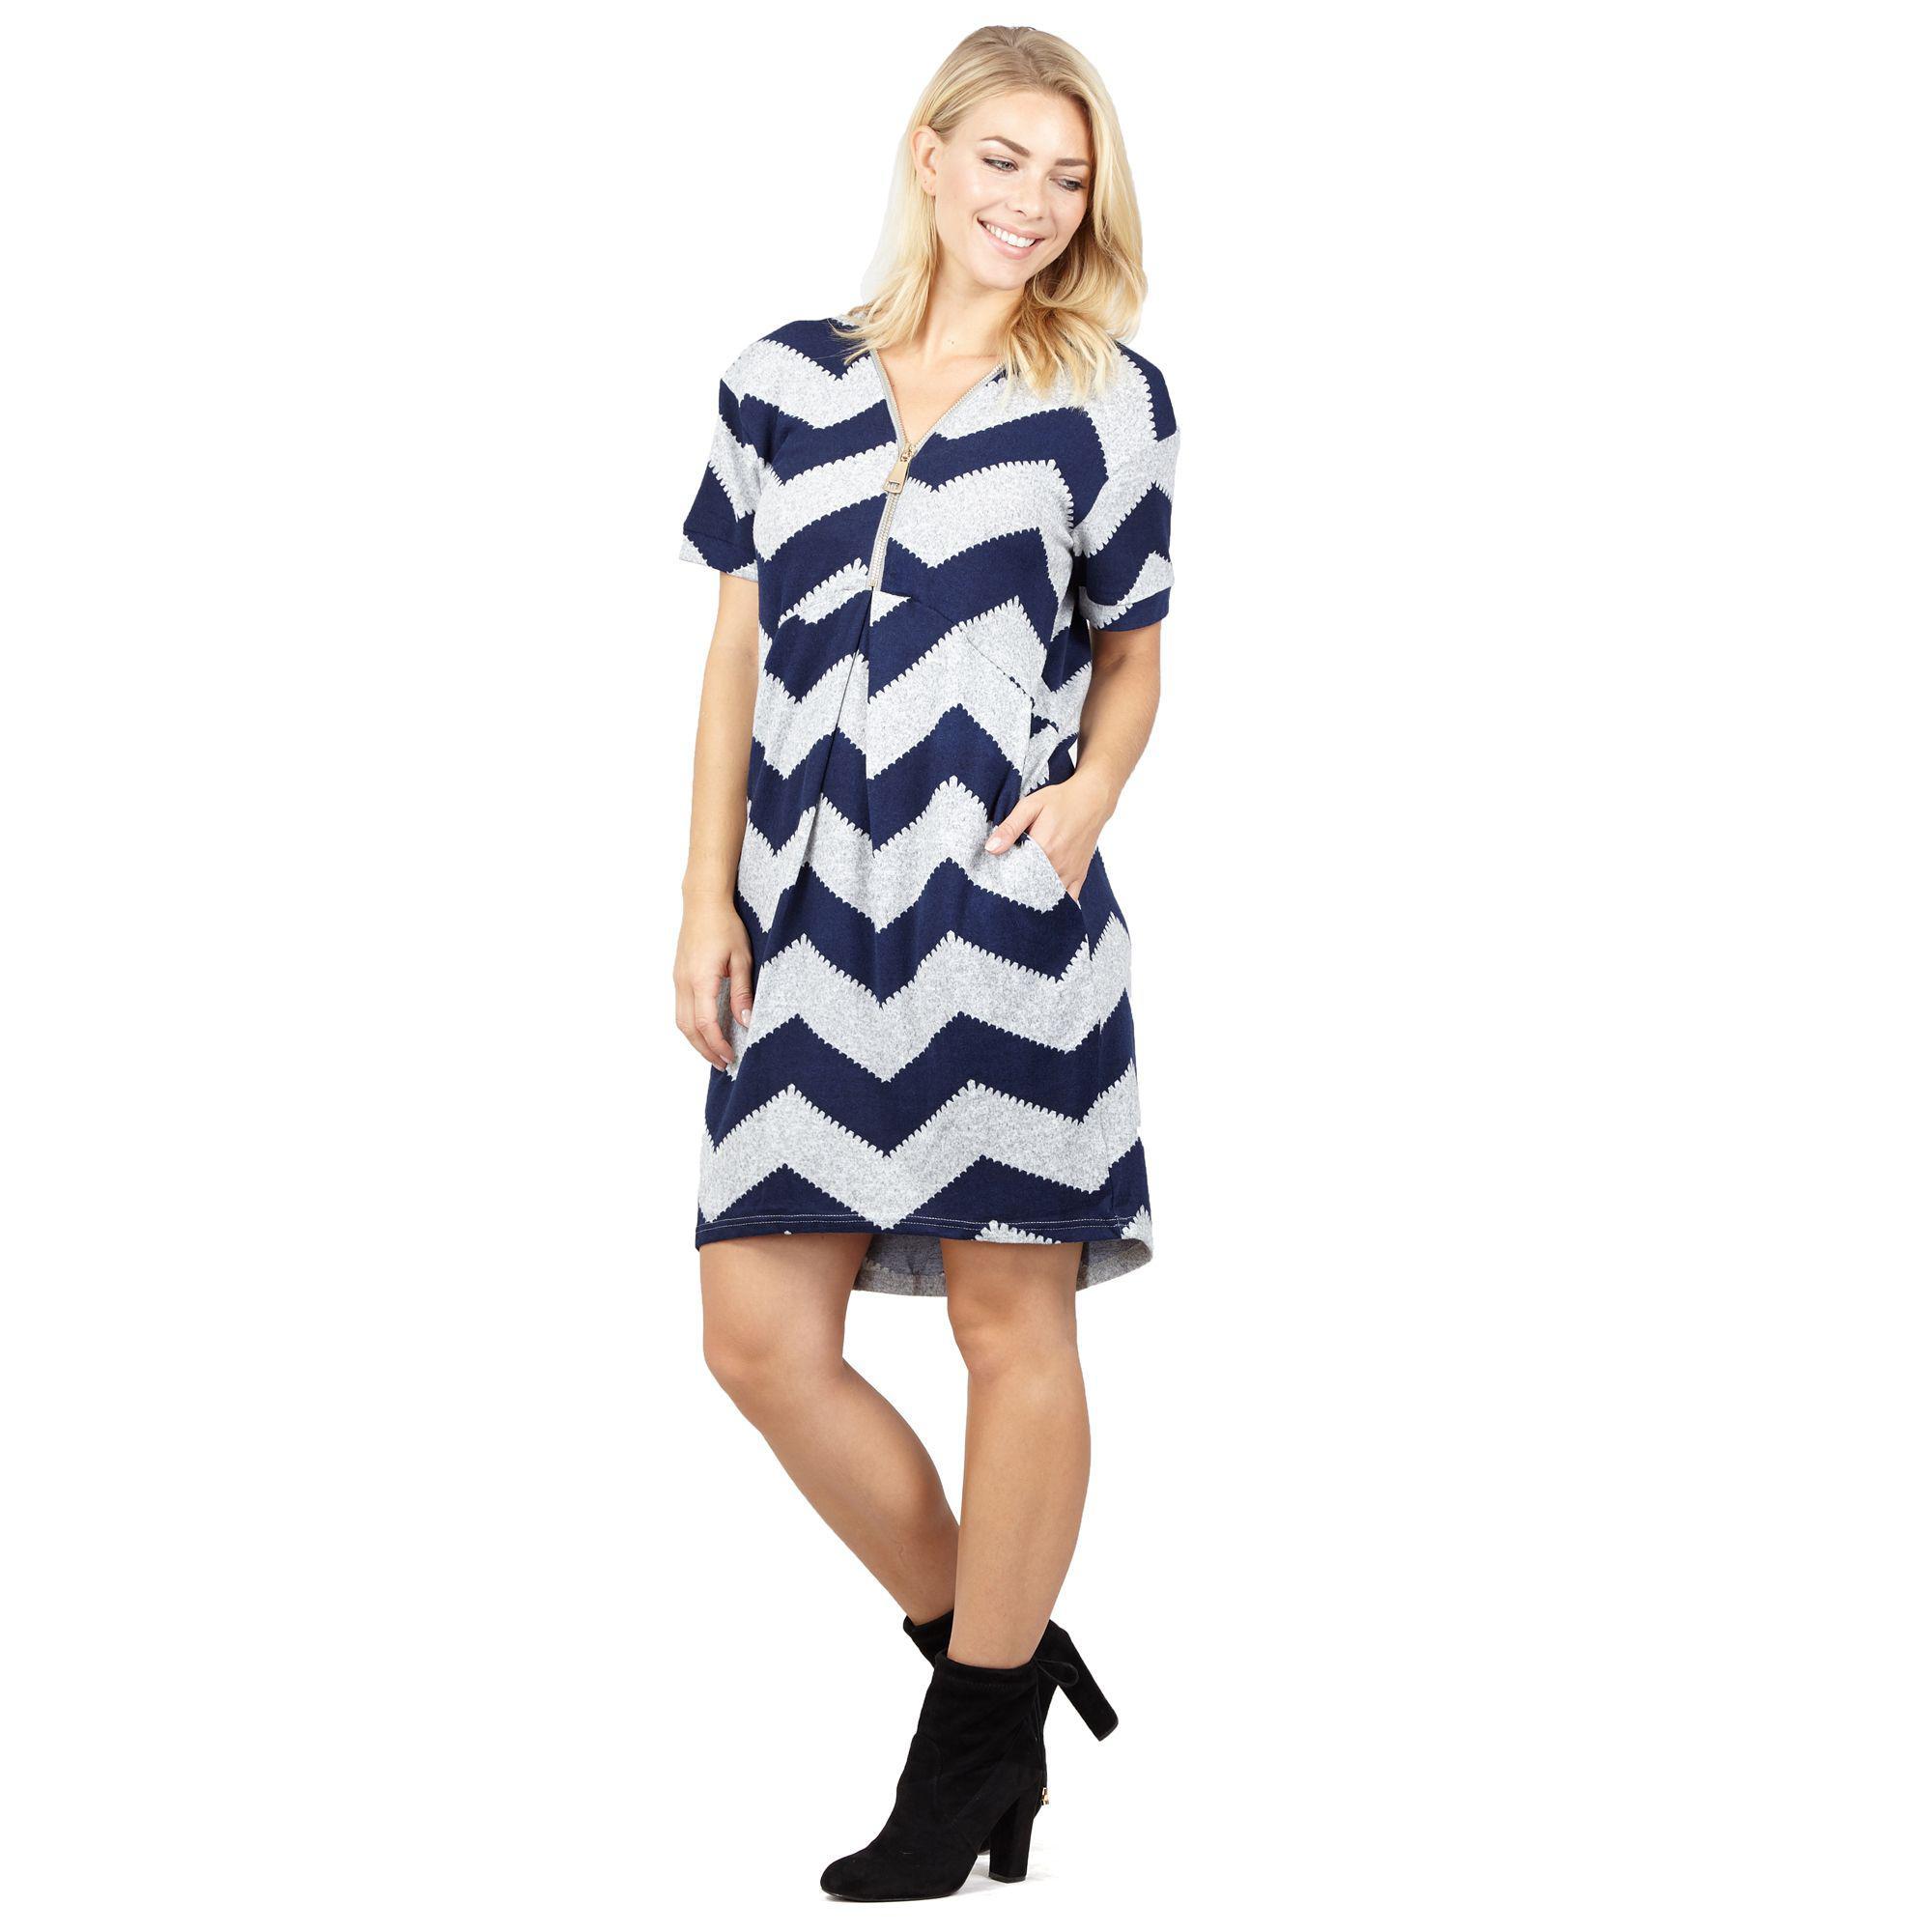 692374e11a3 Izabel London Navy Zig Zag Tunic Dress in Blue - Lyst